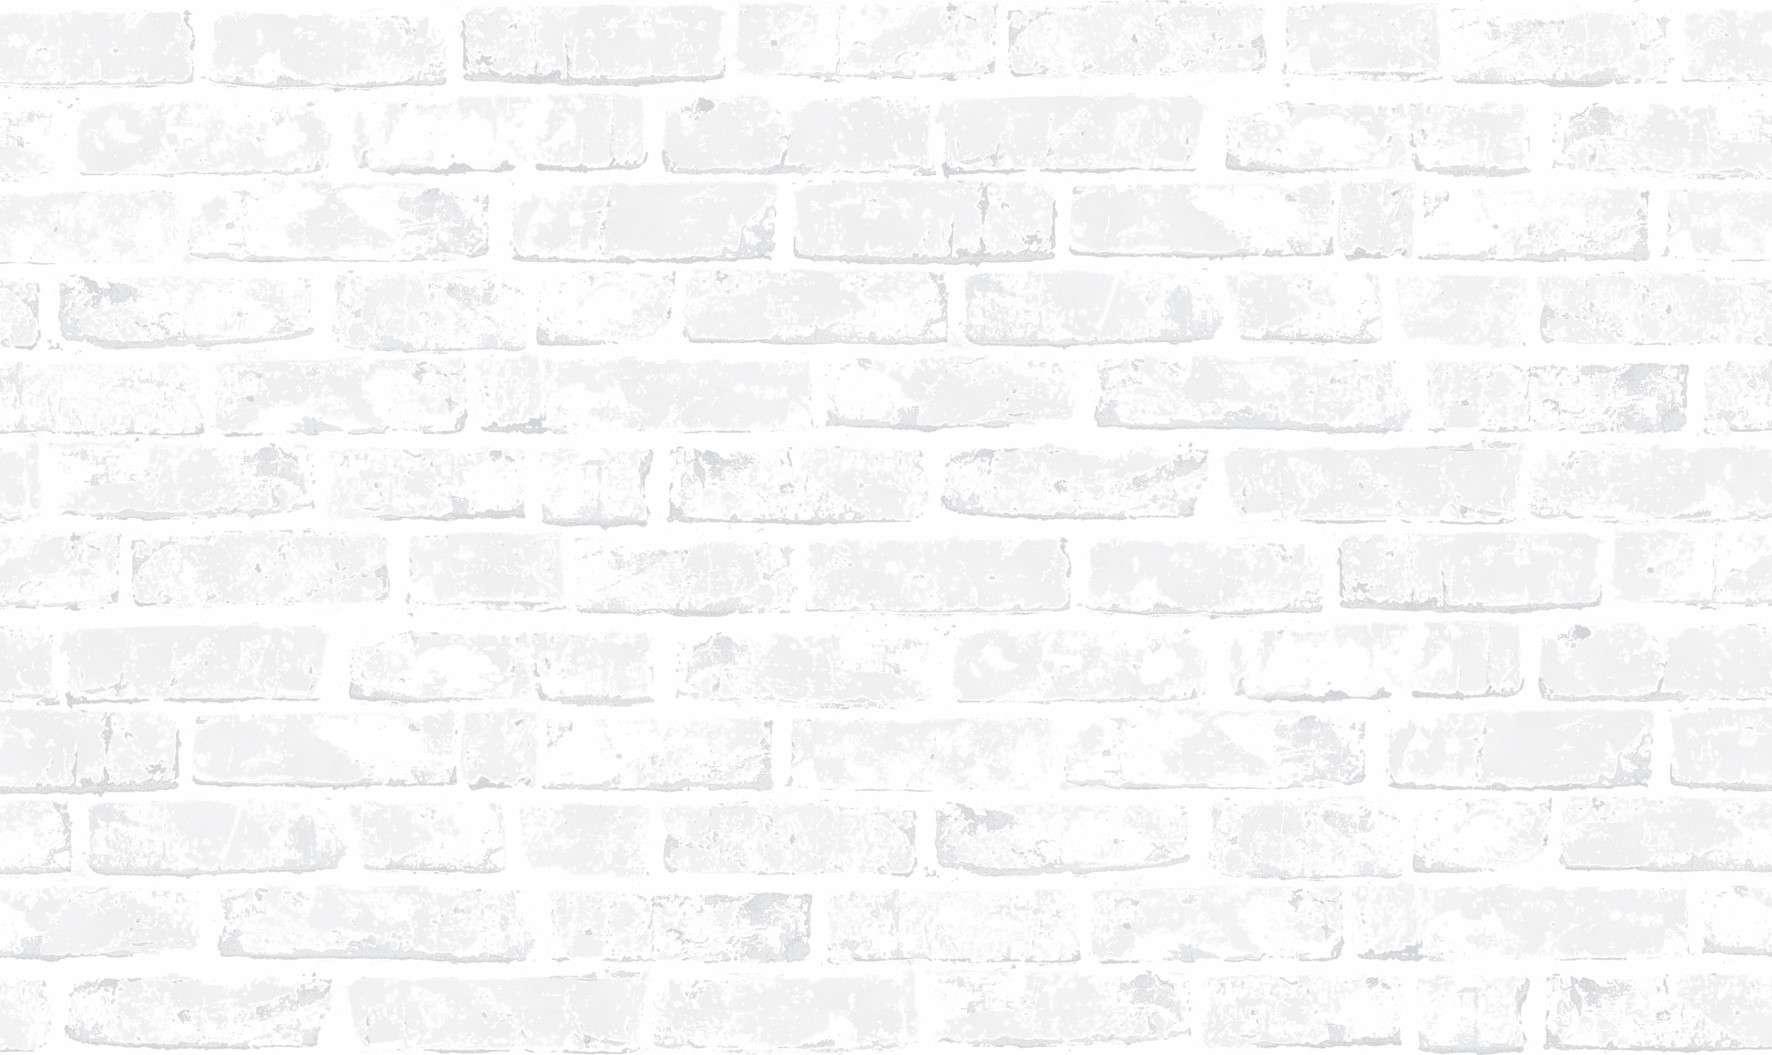 Giả vân gạch sáng với các nét viền đơn giản tạo cho mã 70137-1 cảm giác tường gạch mờ ảo